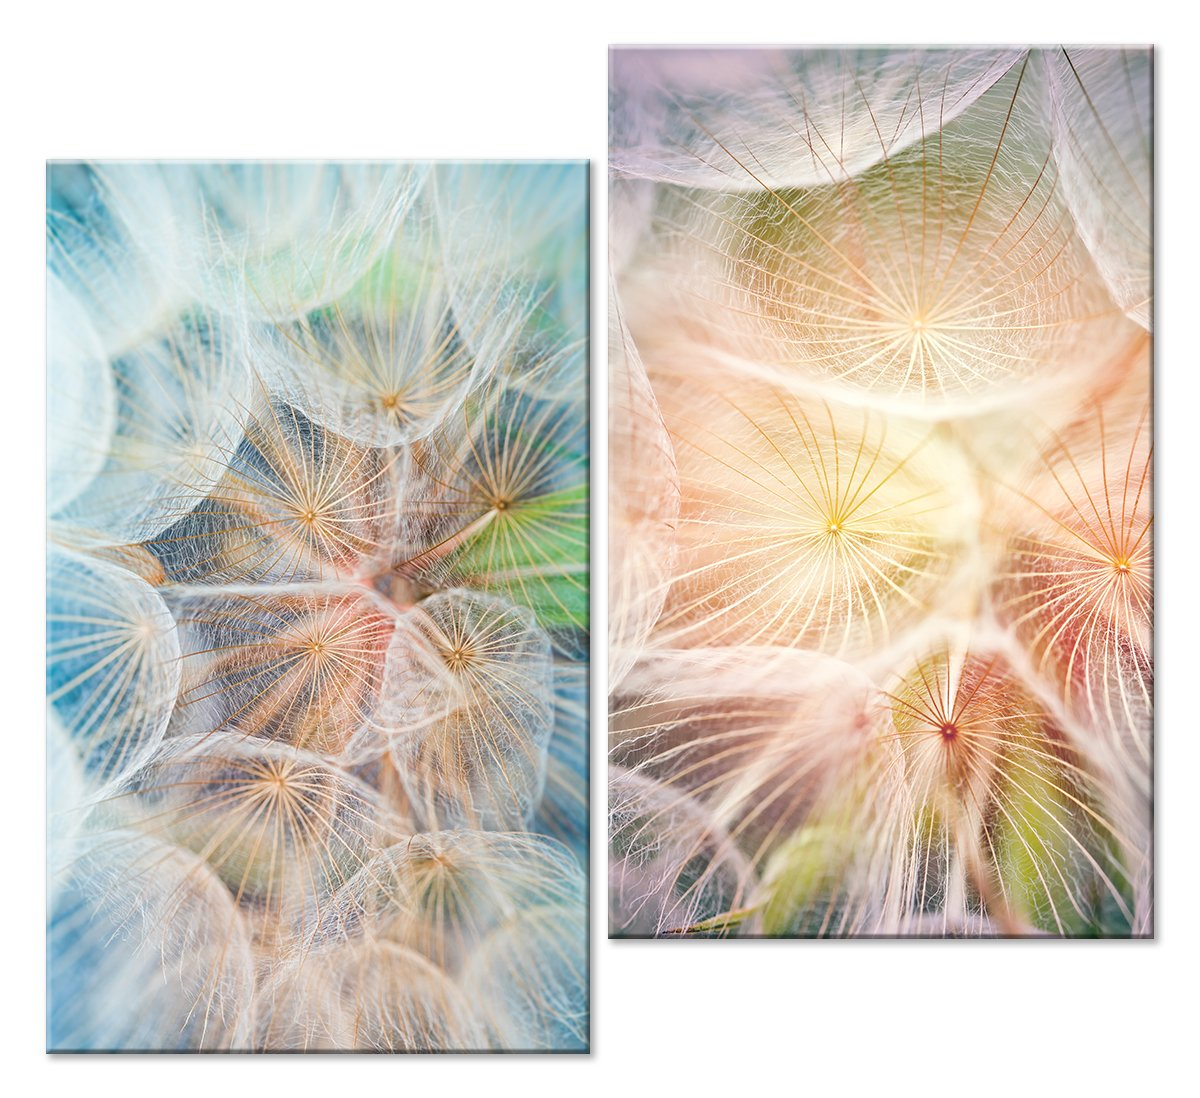 Модульная картина «Волшебные одуванчики»Цветы<br>Модульная картина на натуральном холсте и деревянном подрамнике. Подвес в комплекте. Трехслойная надежная упаковка. Доставим в любую точку России. Вам осталось только повесить картину на стену!<br>